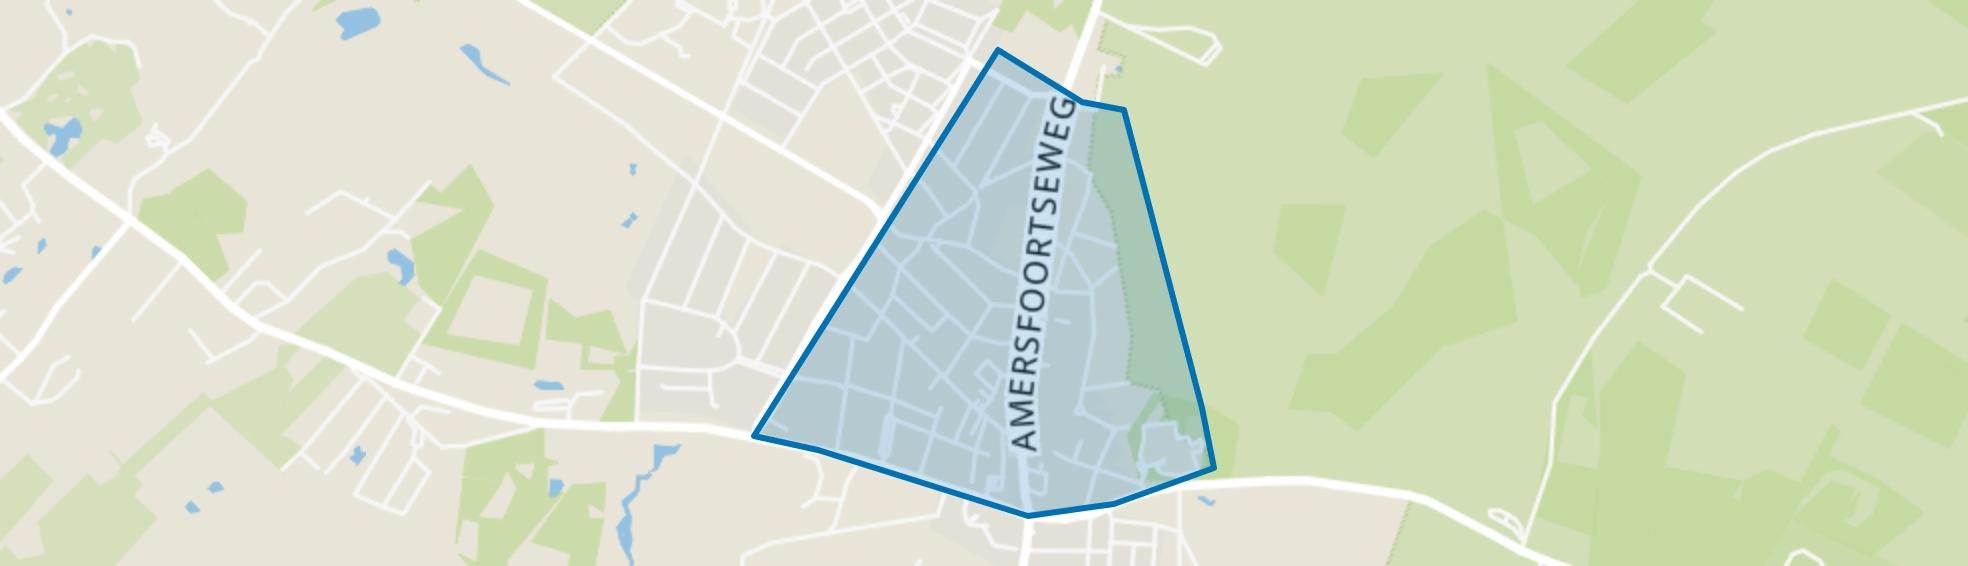 Doorn-Centrum, Doorn map